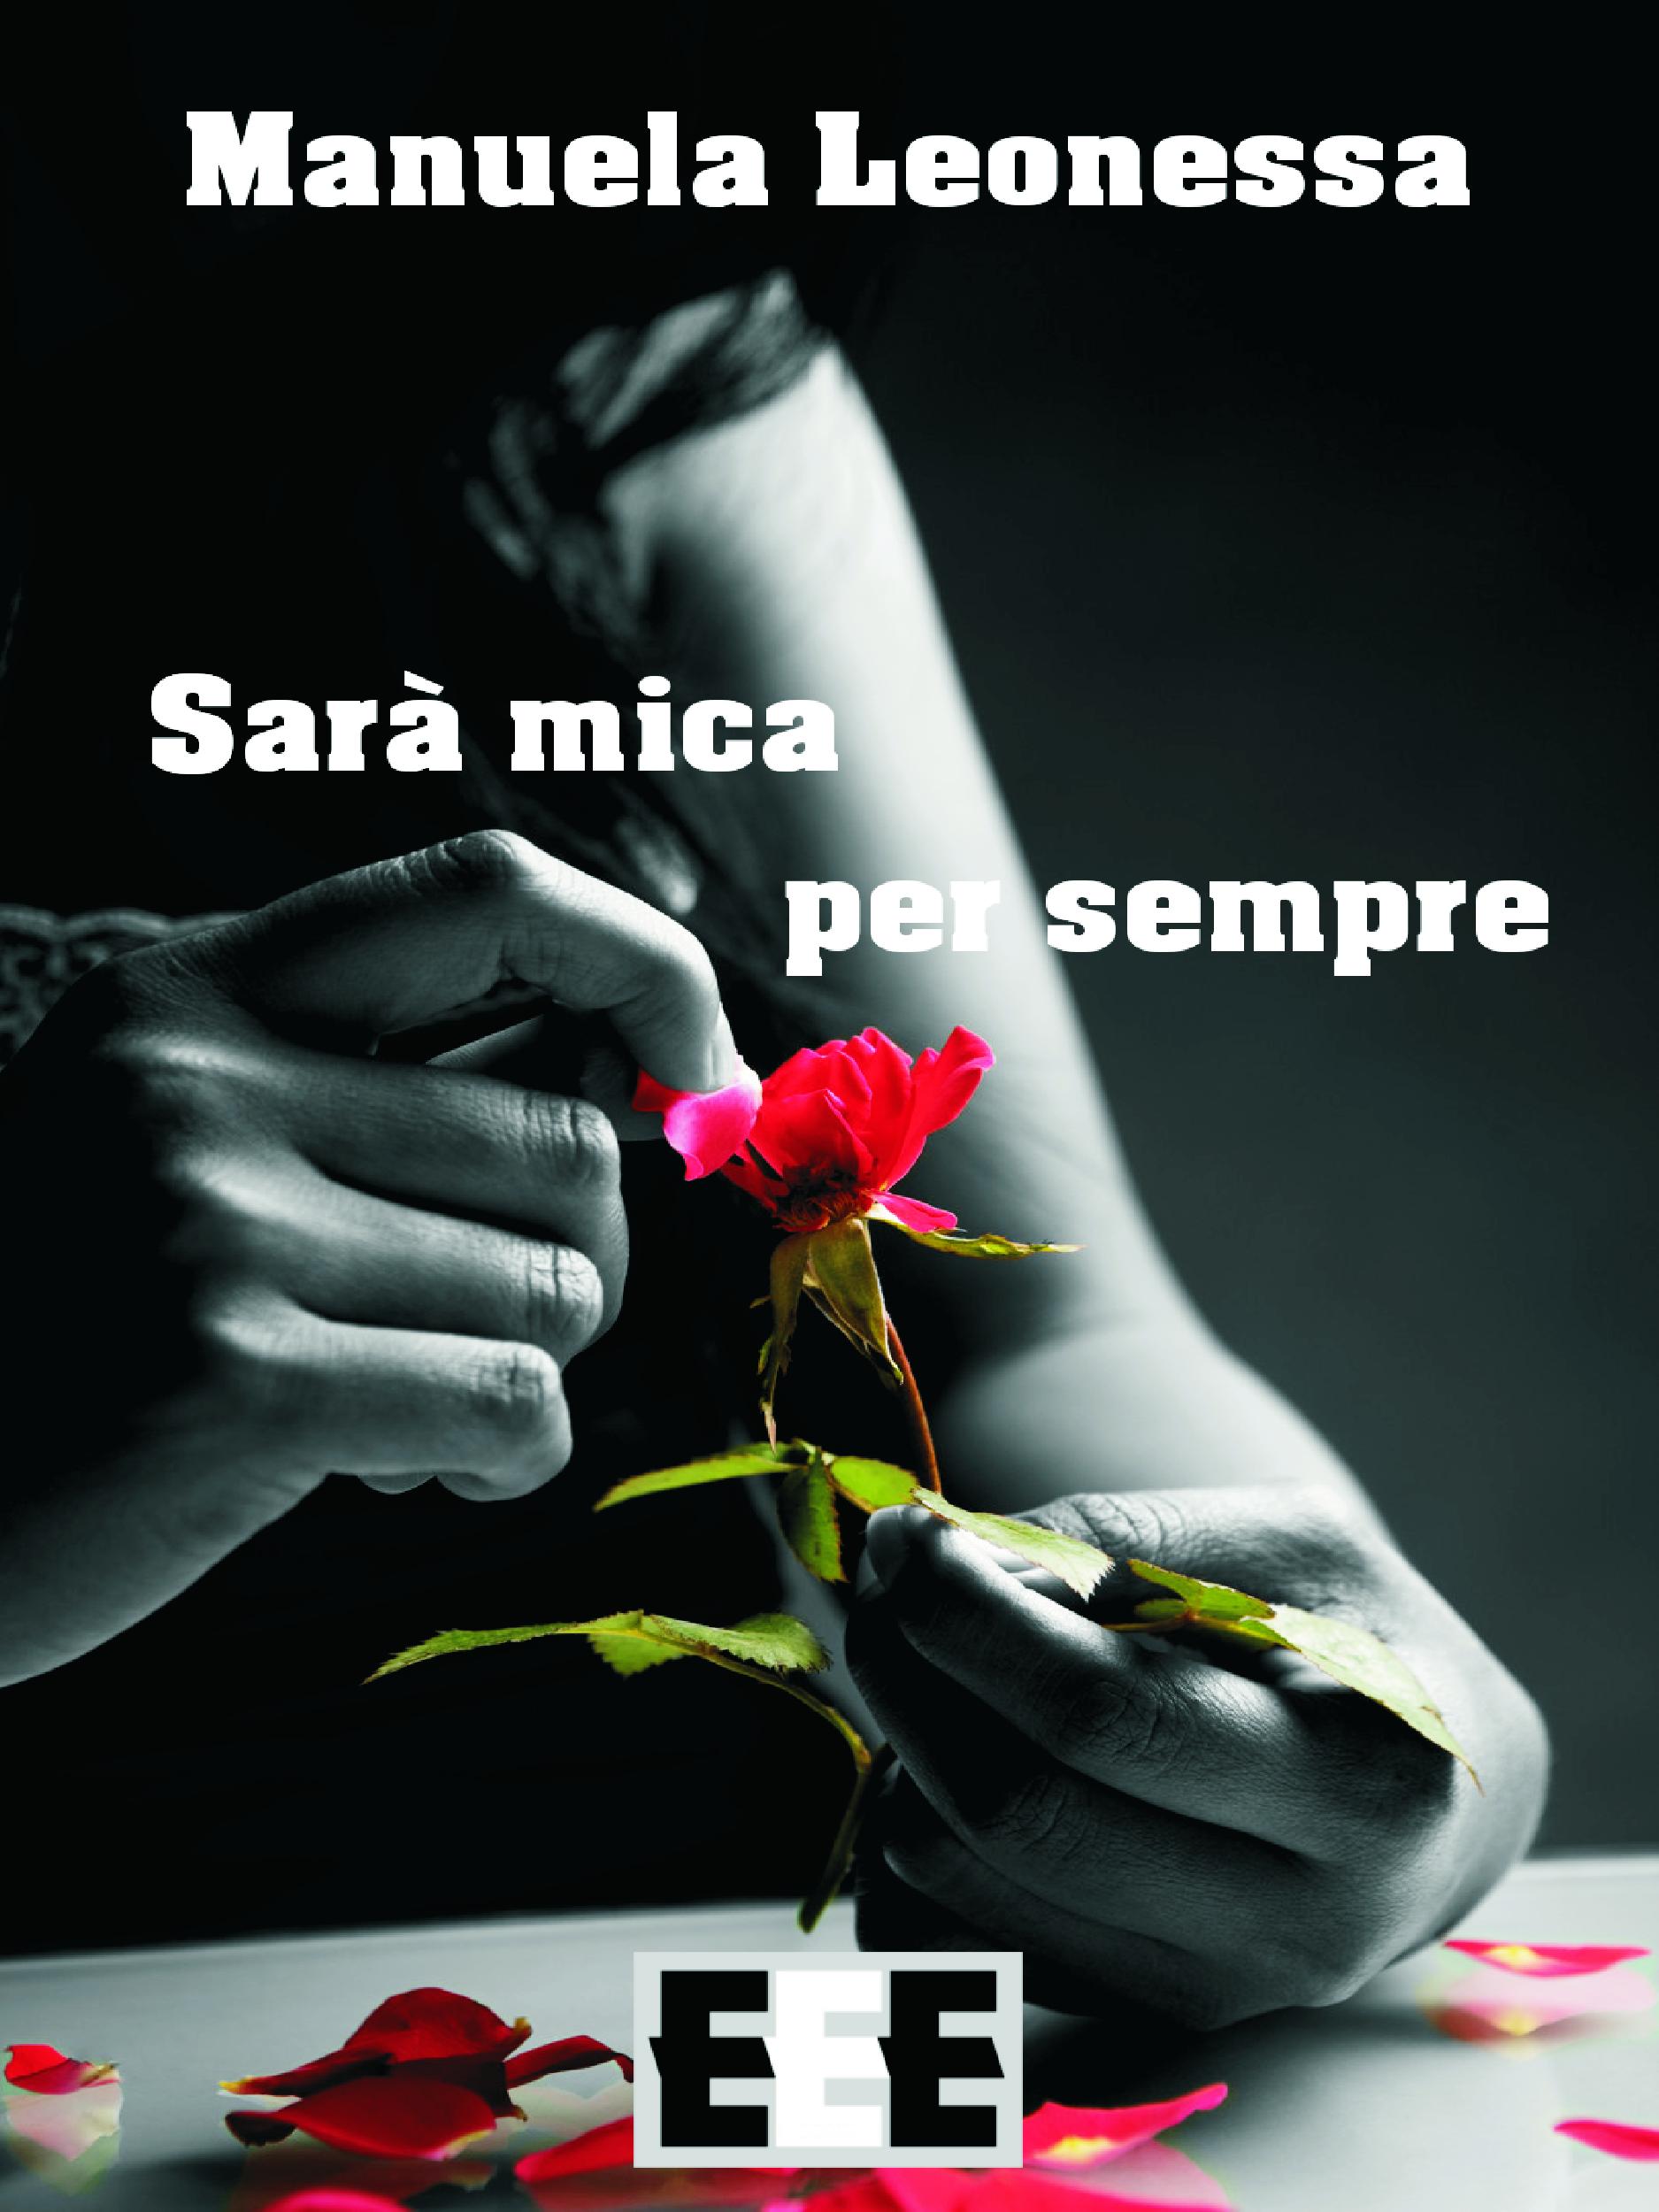 Leonessa_EST